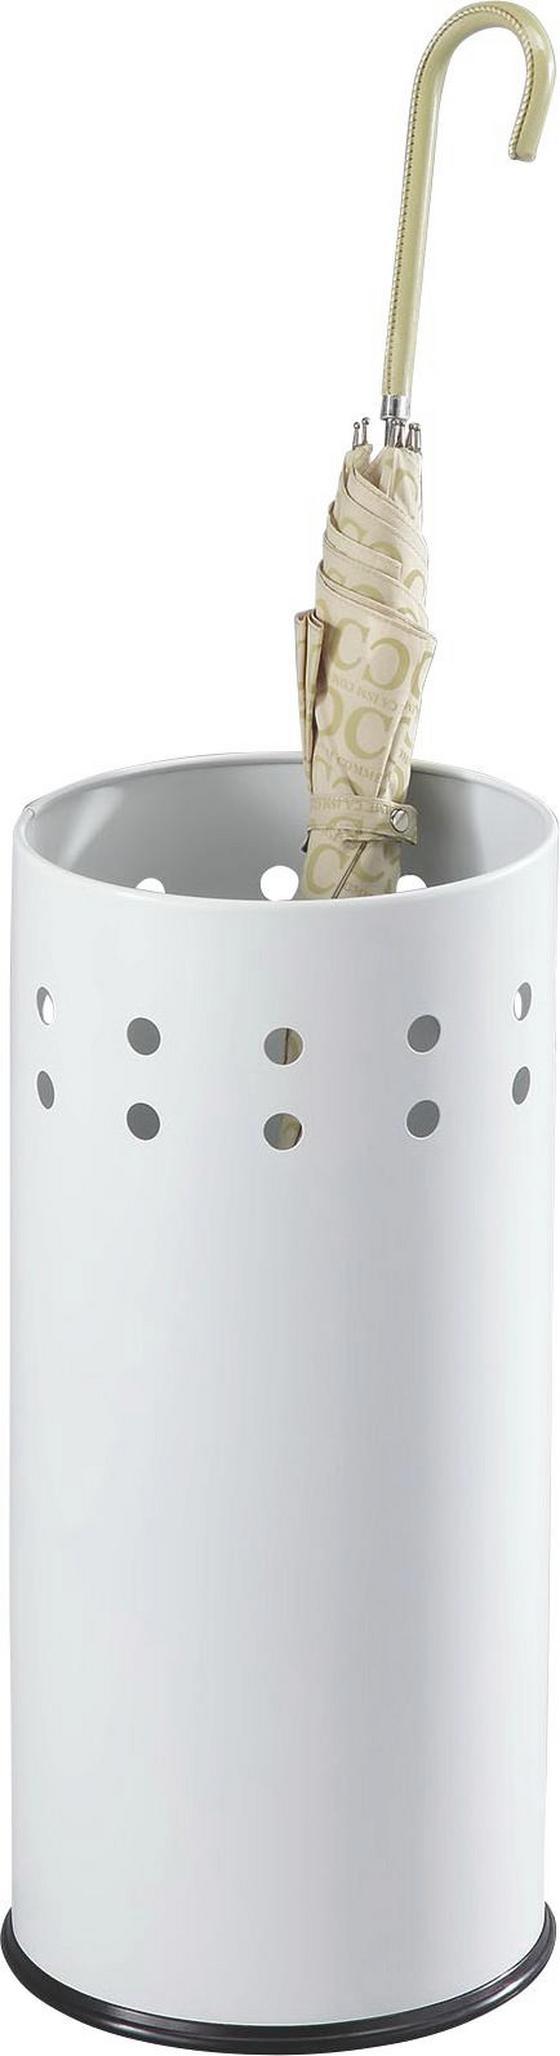 Schirmständer Lonati - Weiß, MODERN, Metall (23,5/50cm)